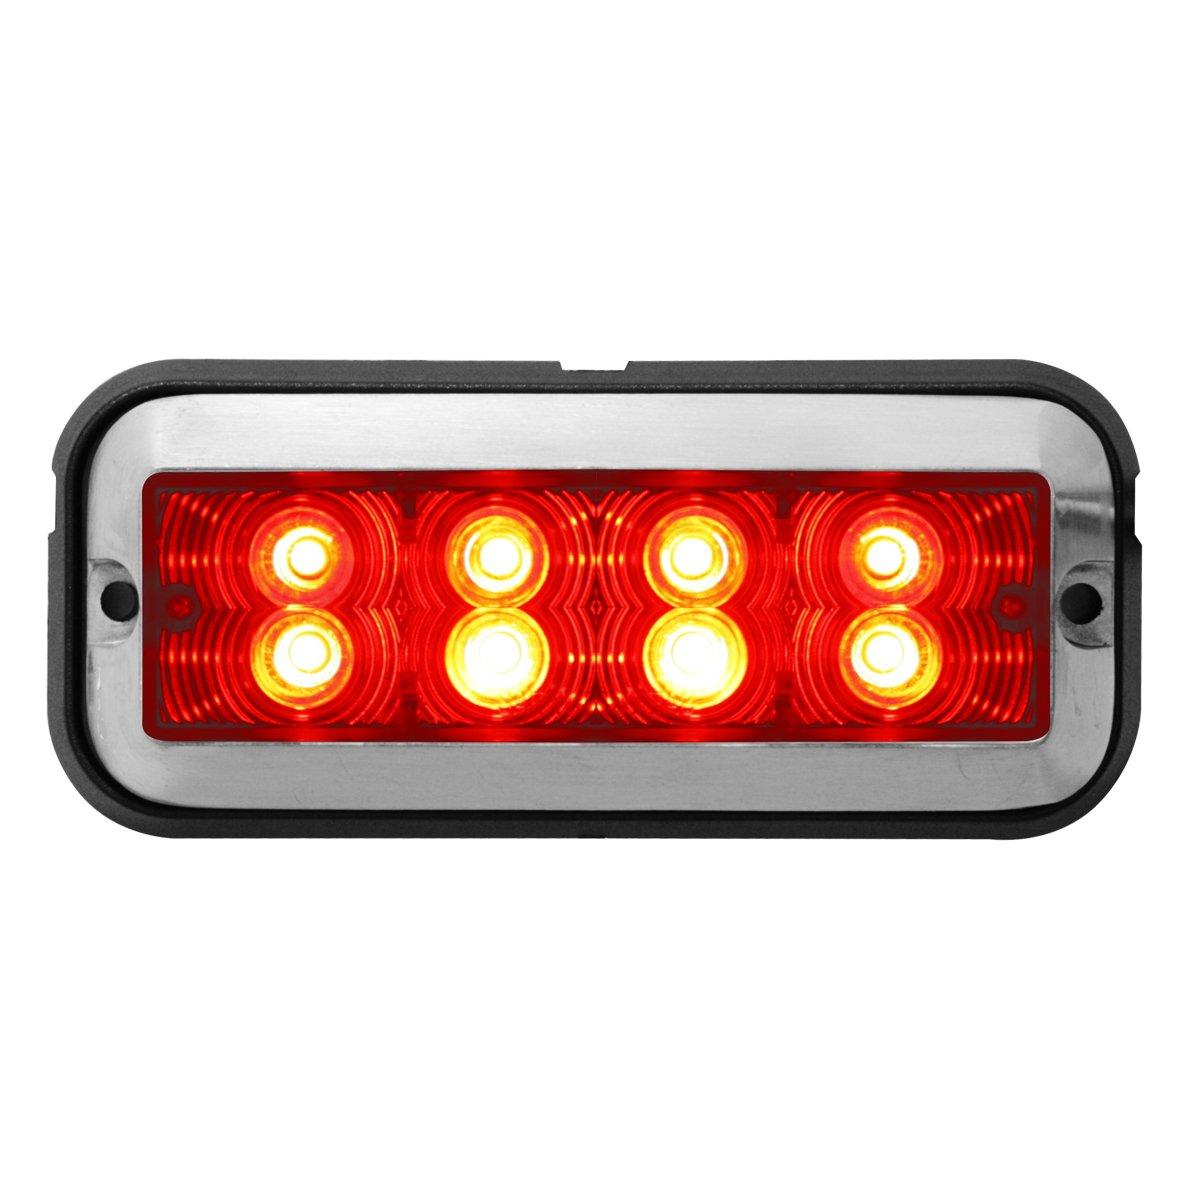 Grand General 81833 Red//Clear Medium Rectangular 8 LED Strobe Light